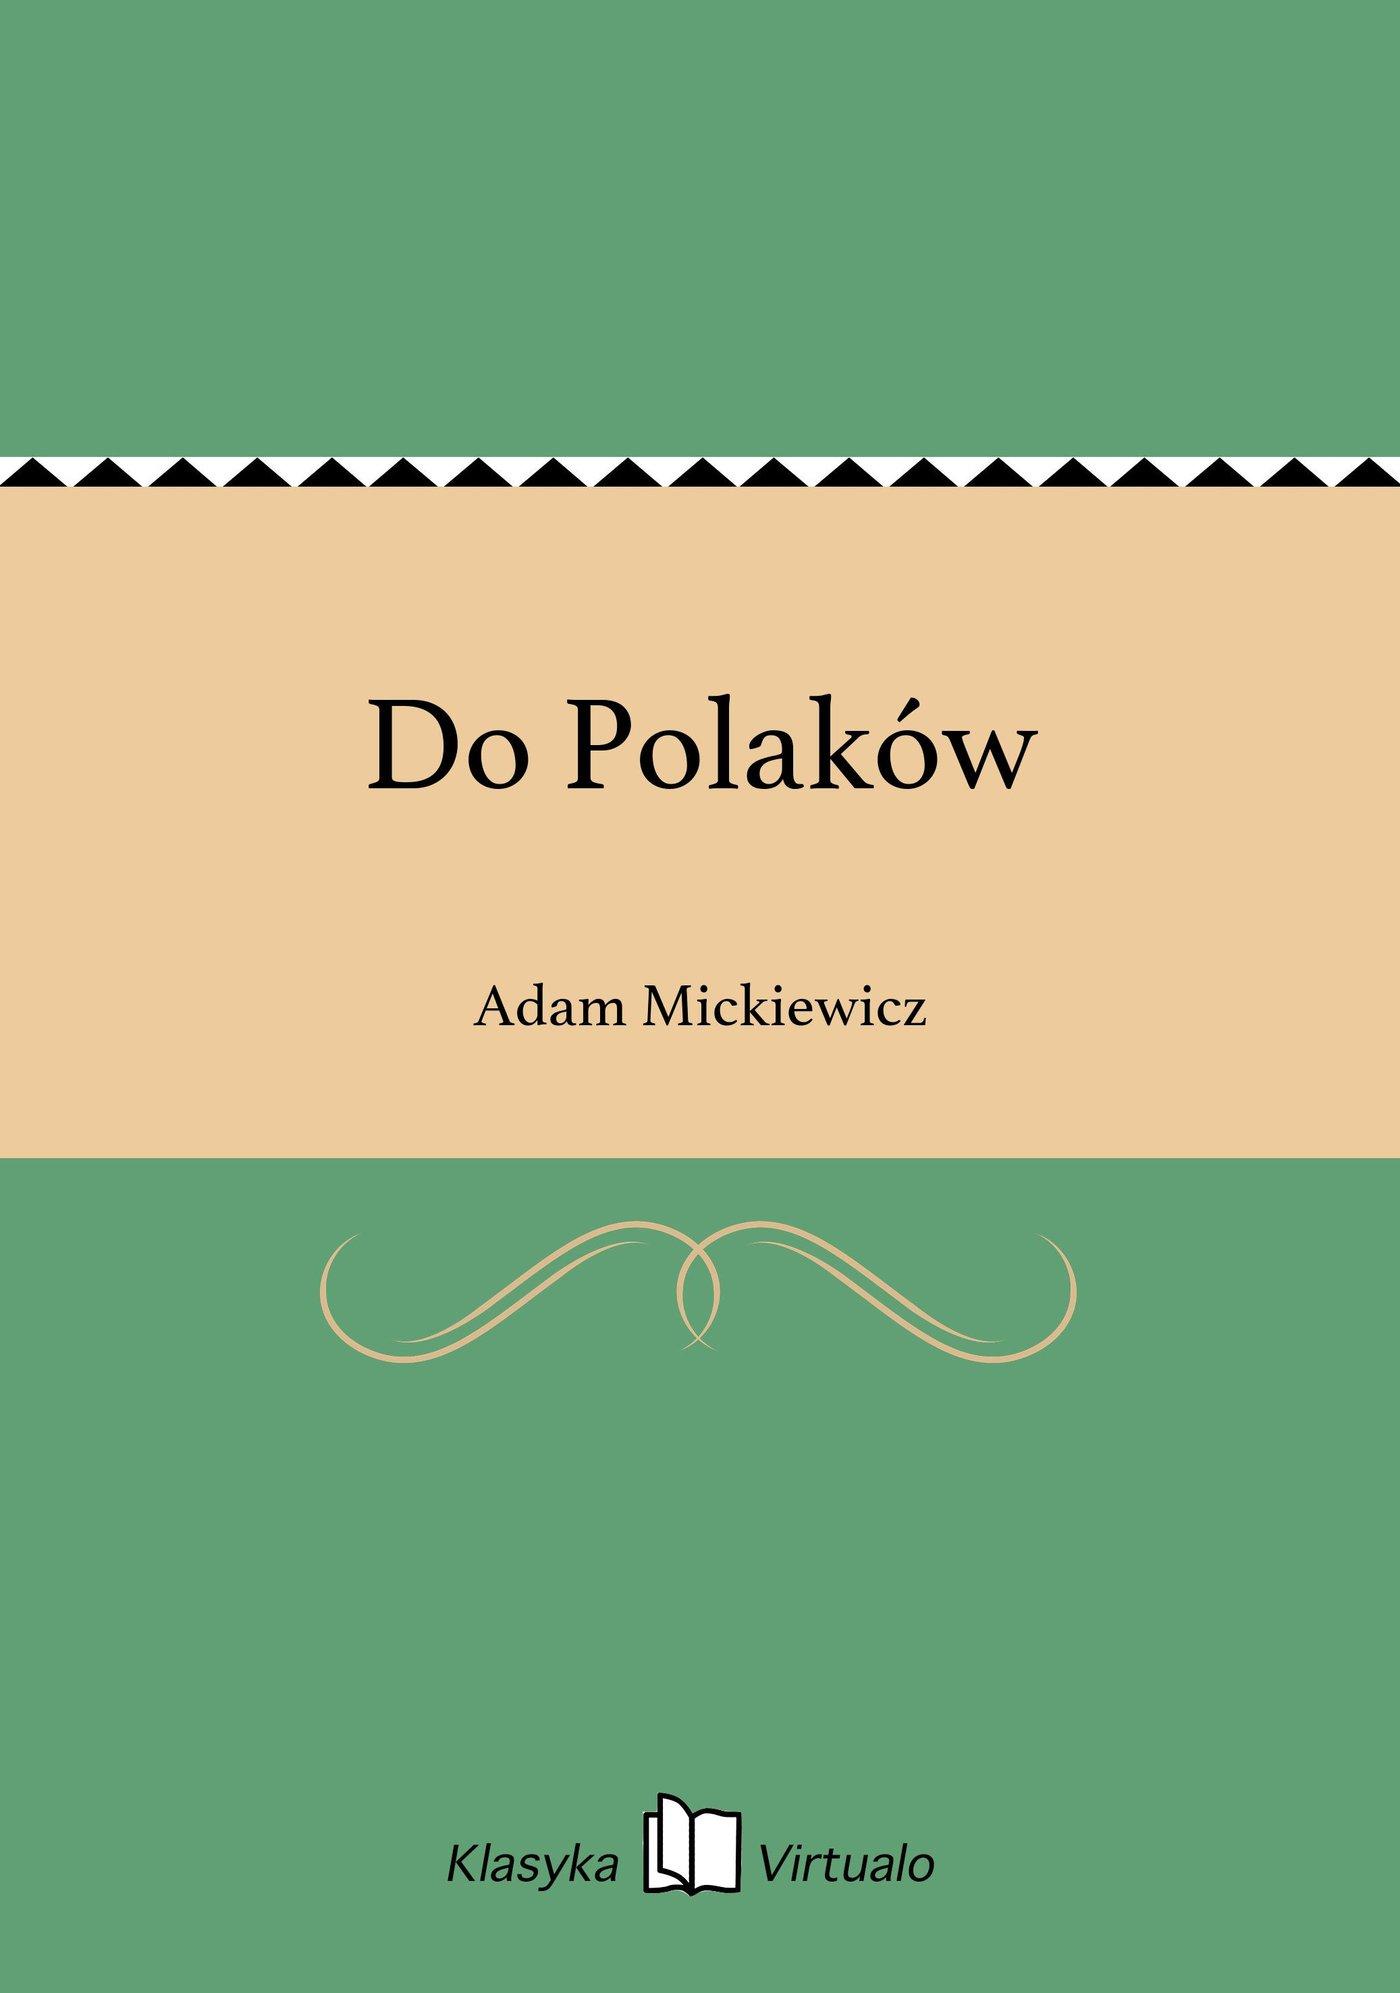 Do Polaków - Ebook (Książka EPUB) do pobrania w formacie EPUB